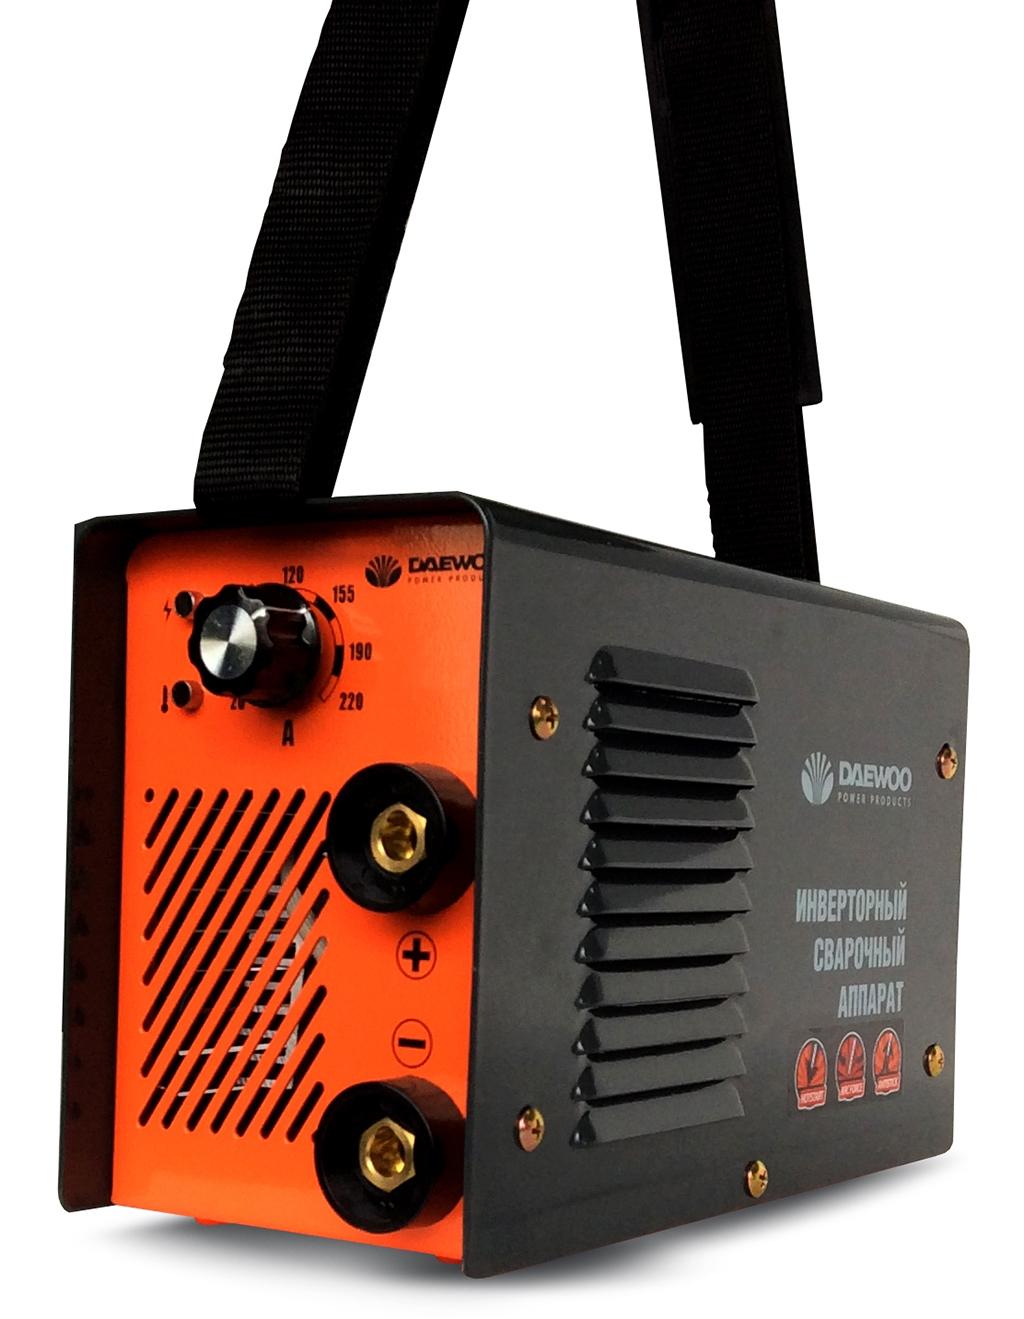 Зварювальний апарат Daewoo MINI DW-160 MMA